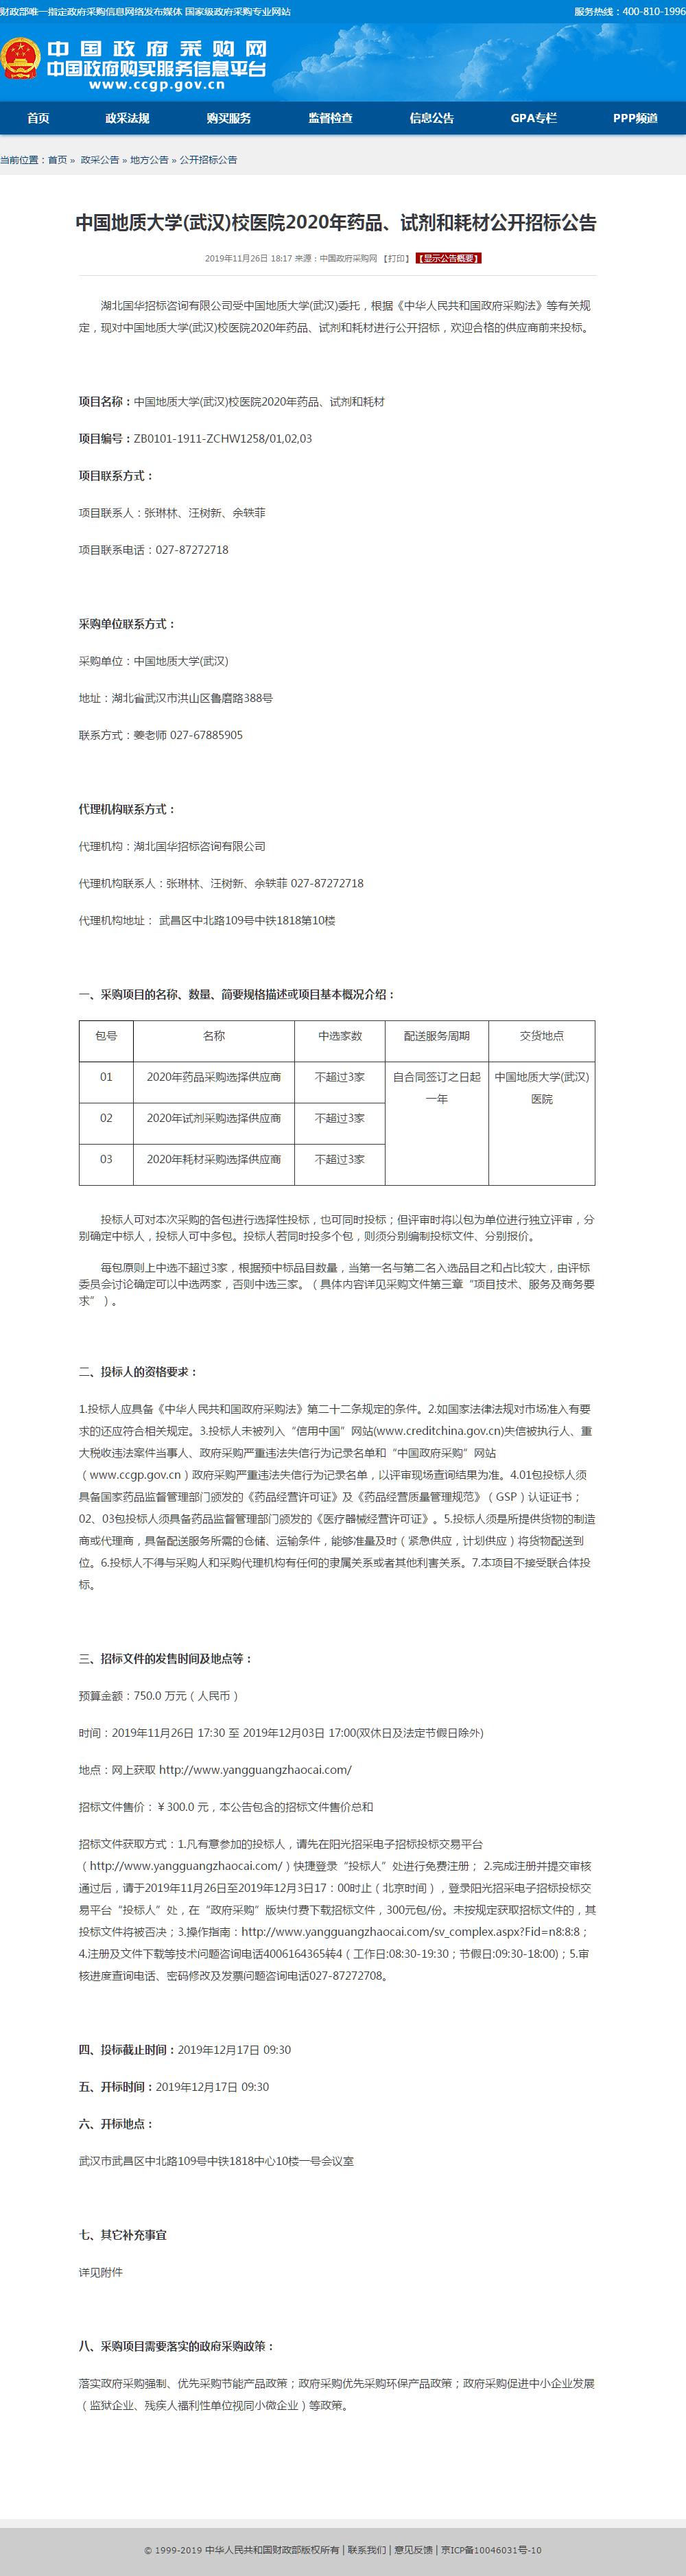 中国地质大学(武汉)校医院2020年药品、试剂和耗材公开招标公告.png